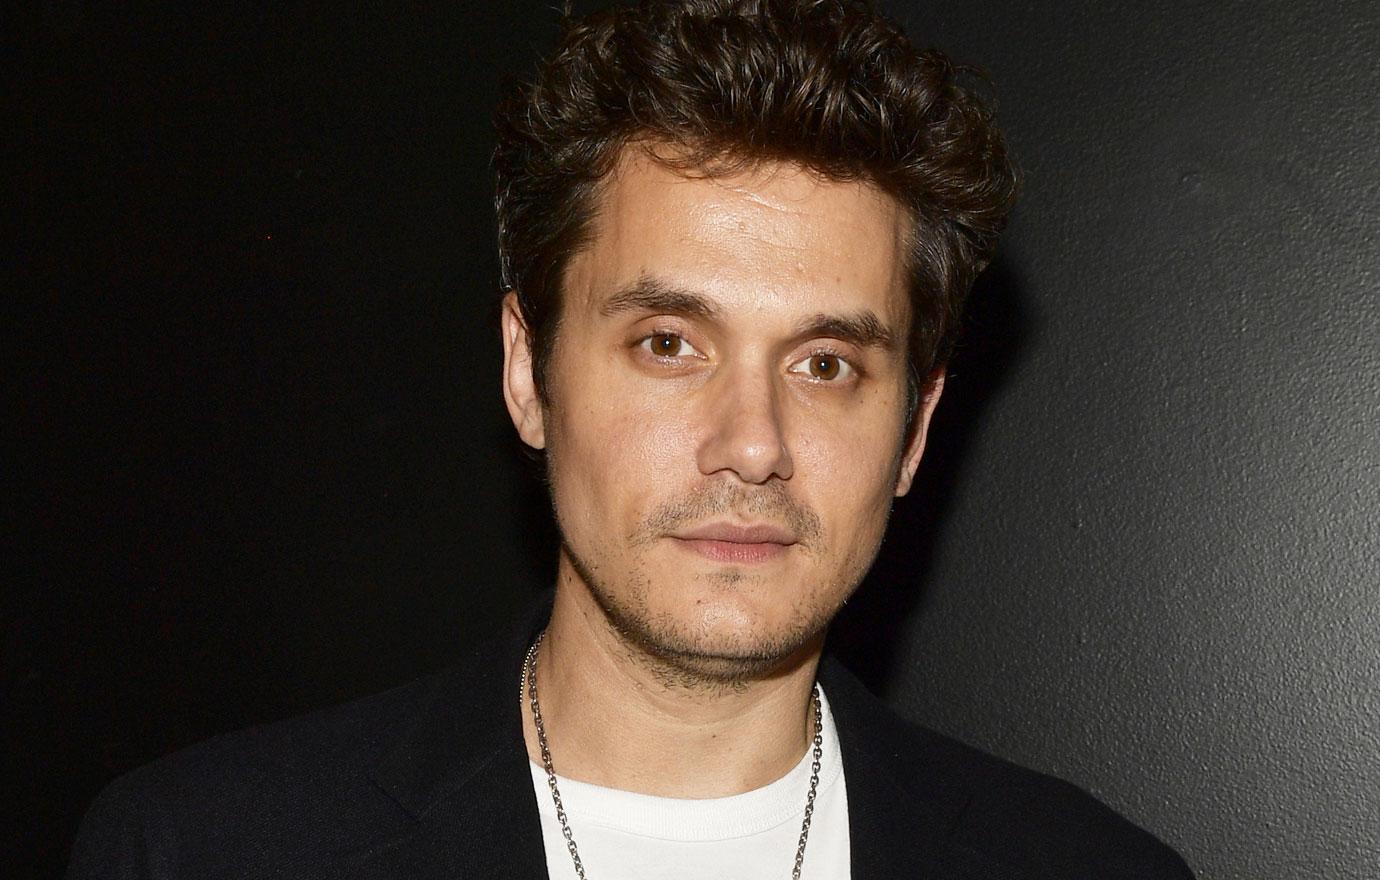 John Mayer's Home Robbed Ransacked